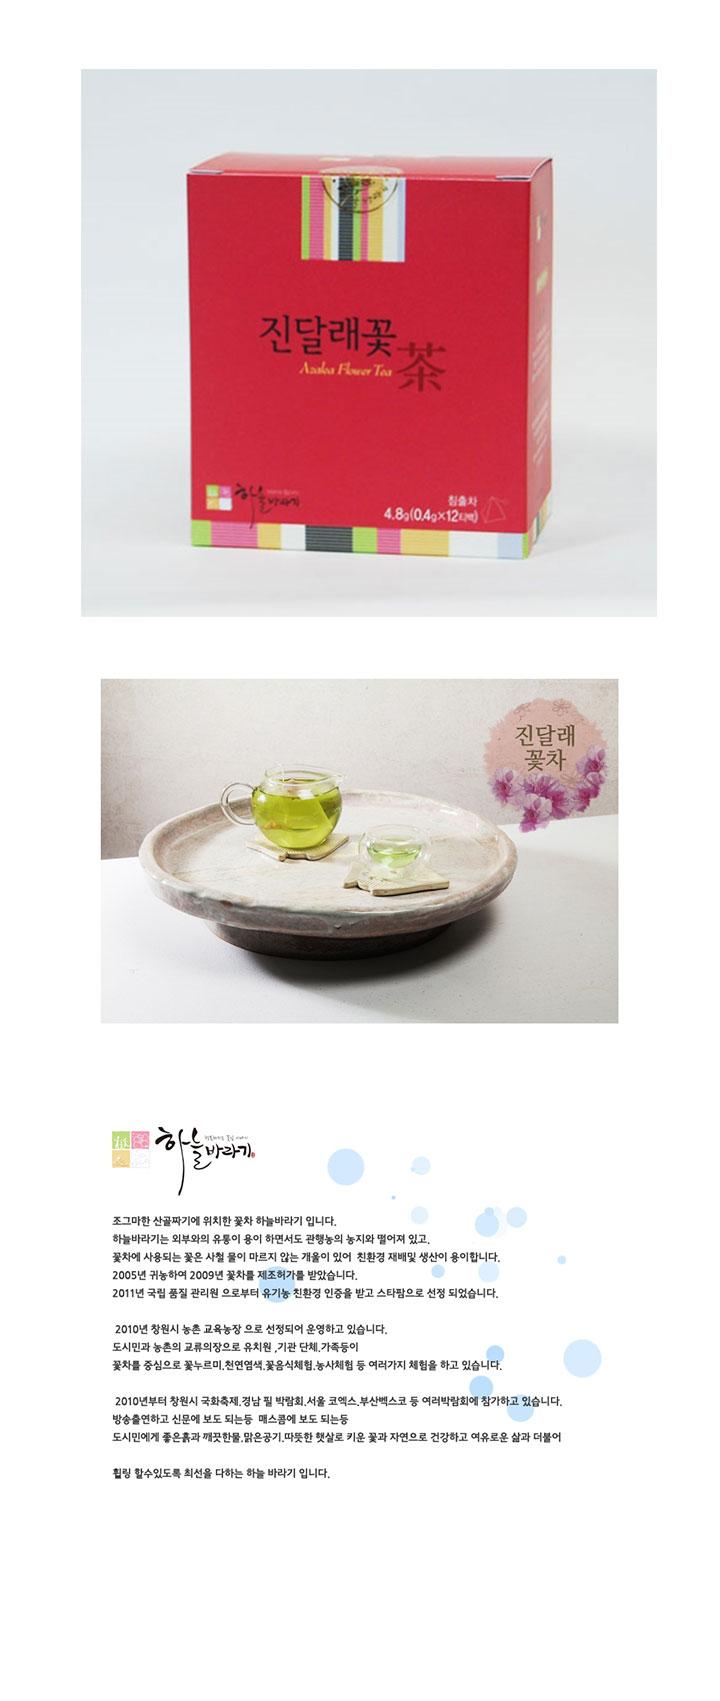 [ Hanulbaragi ] azalea flower teabag 0.4g*12T